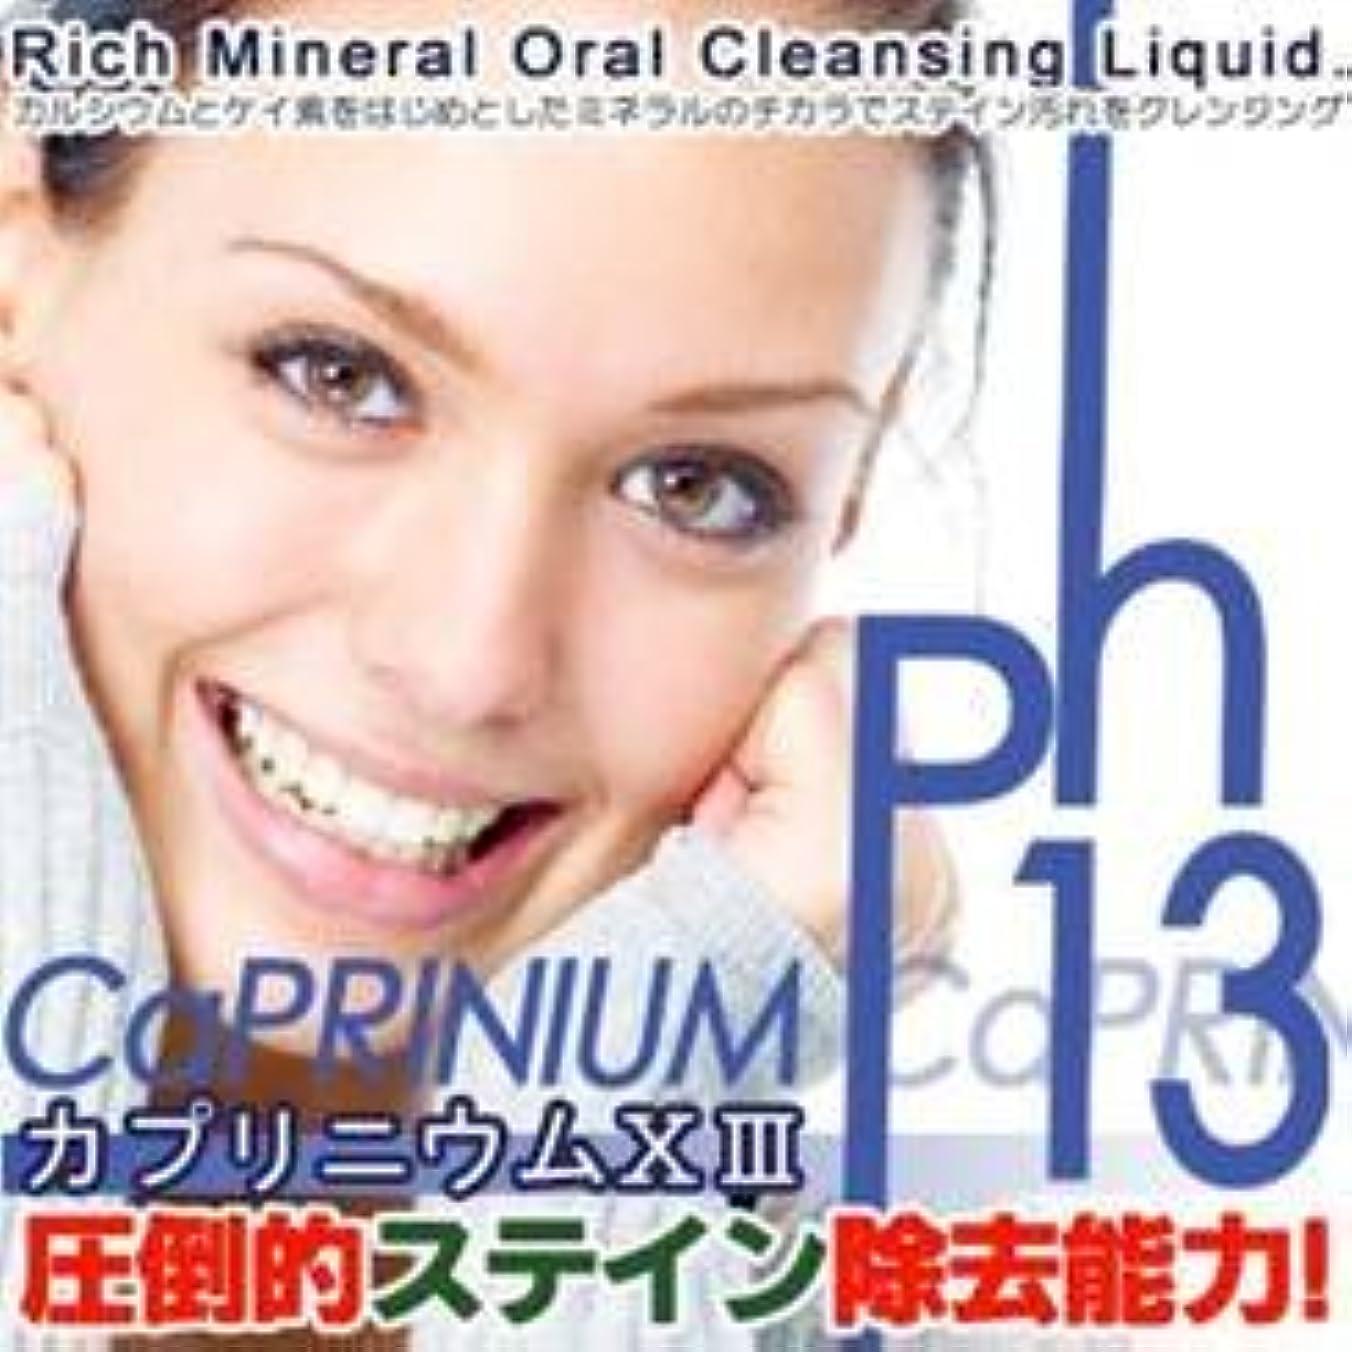 ご近所取るケーブルカプリニウムサーティーンジェル1個入(10日分) 電動歯ブラシ対応歯磨きジェル